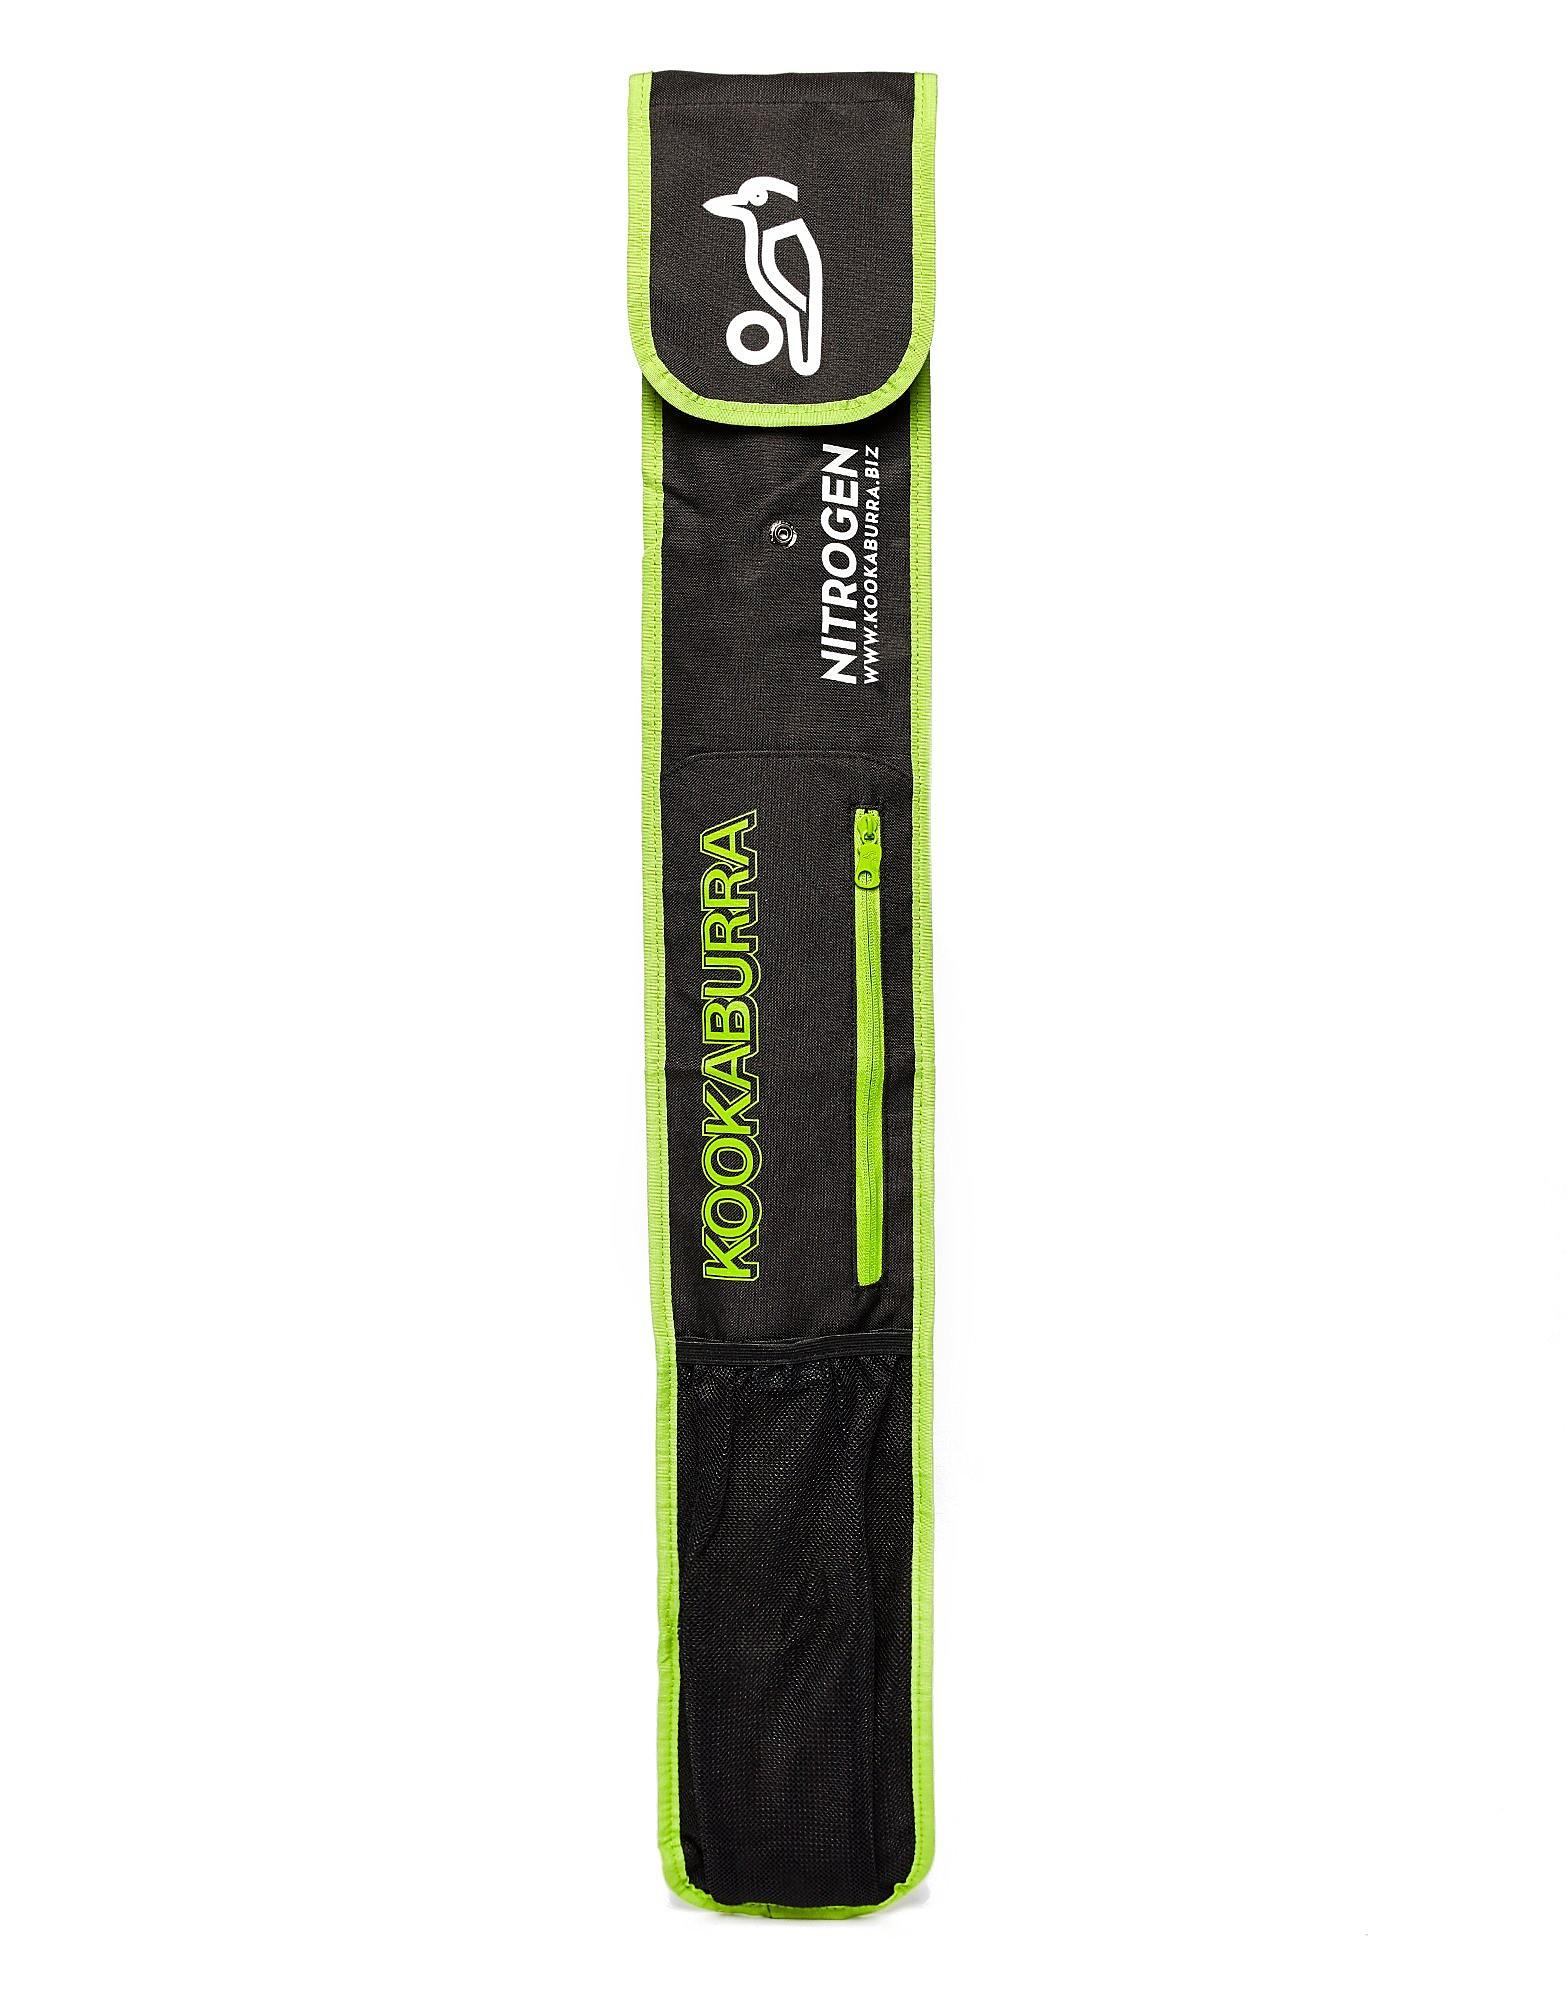 Kookaburra 2017/18 Nitrogen Hockey Bag